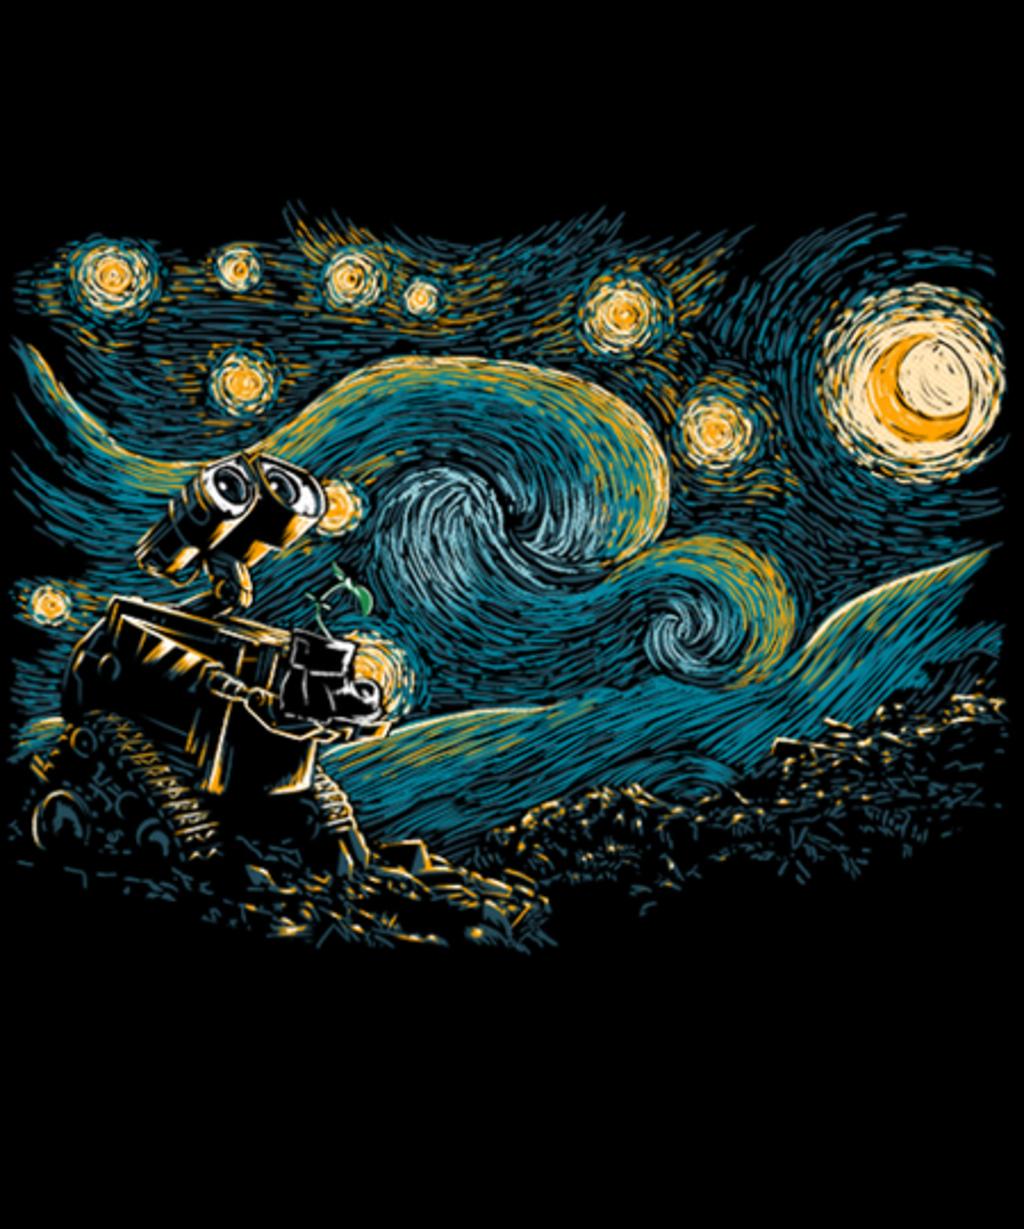 Qwertee: Starry Robot